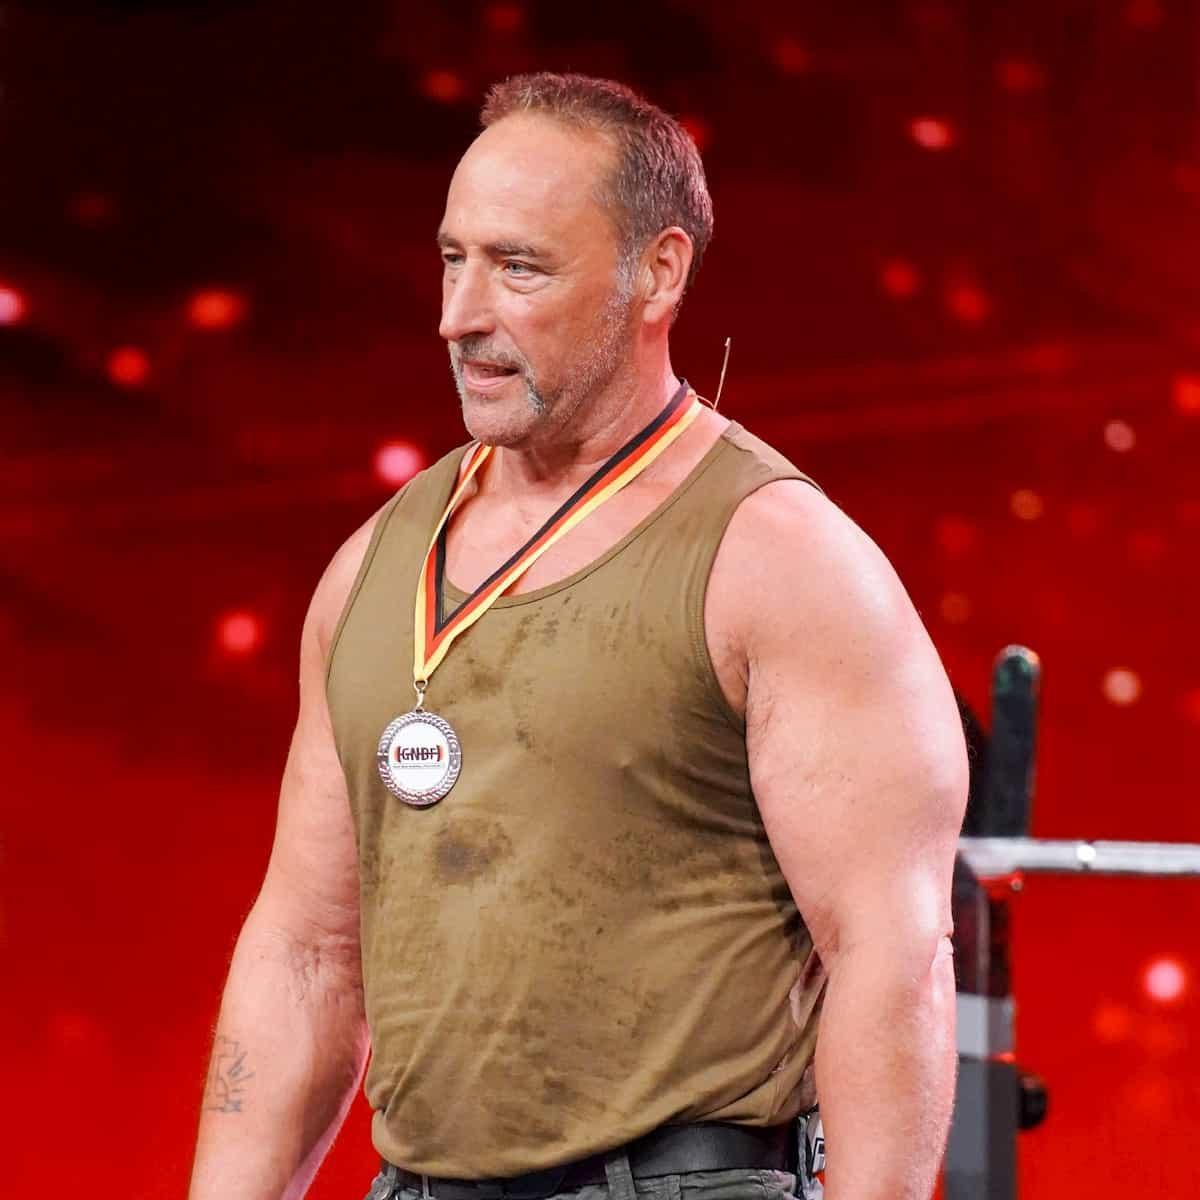 Klaus Timreck beim Supertalent am 30.11.2019